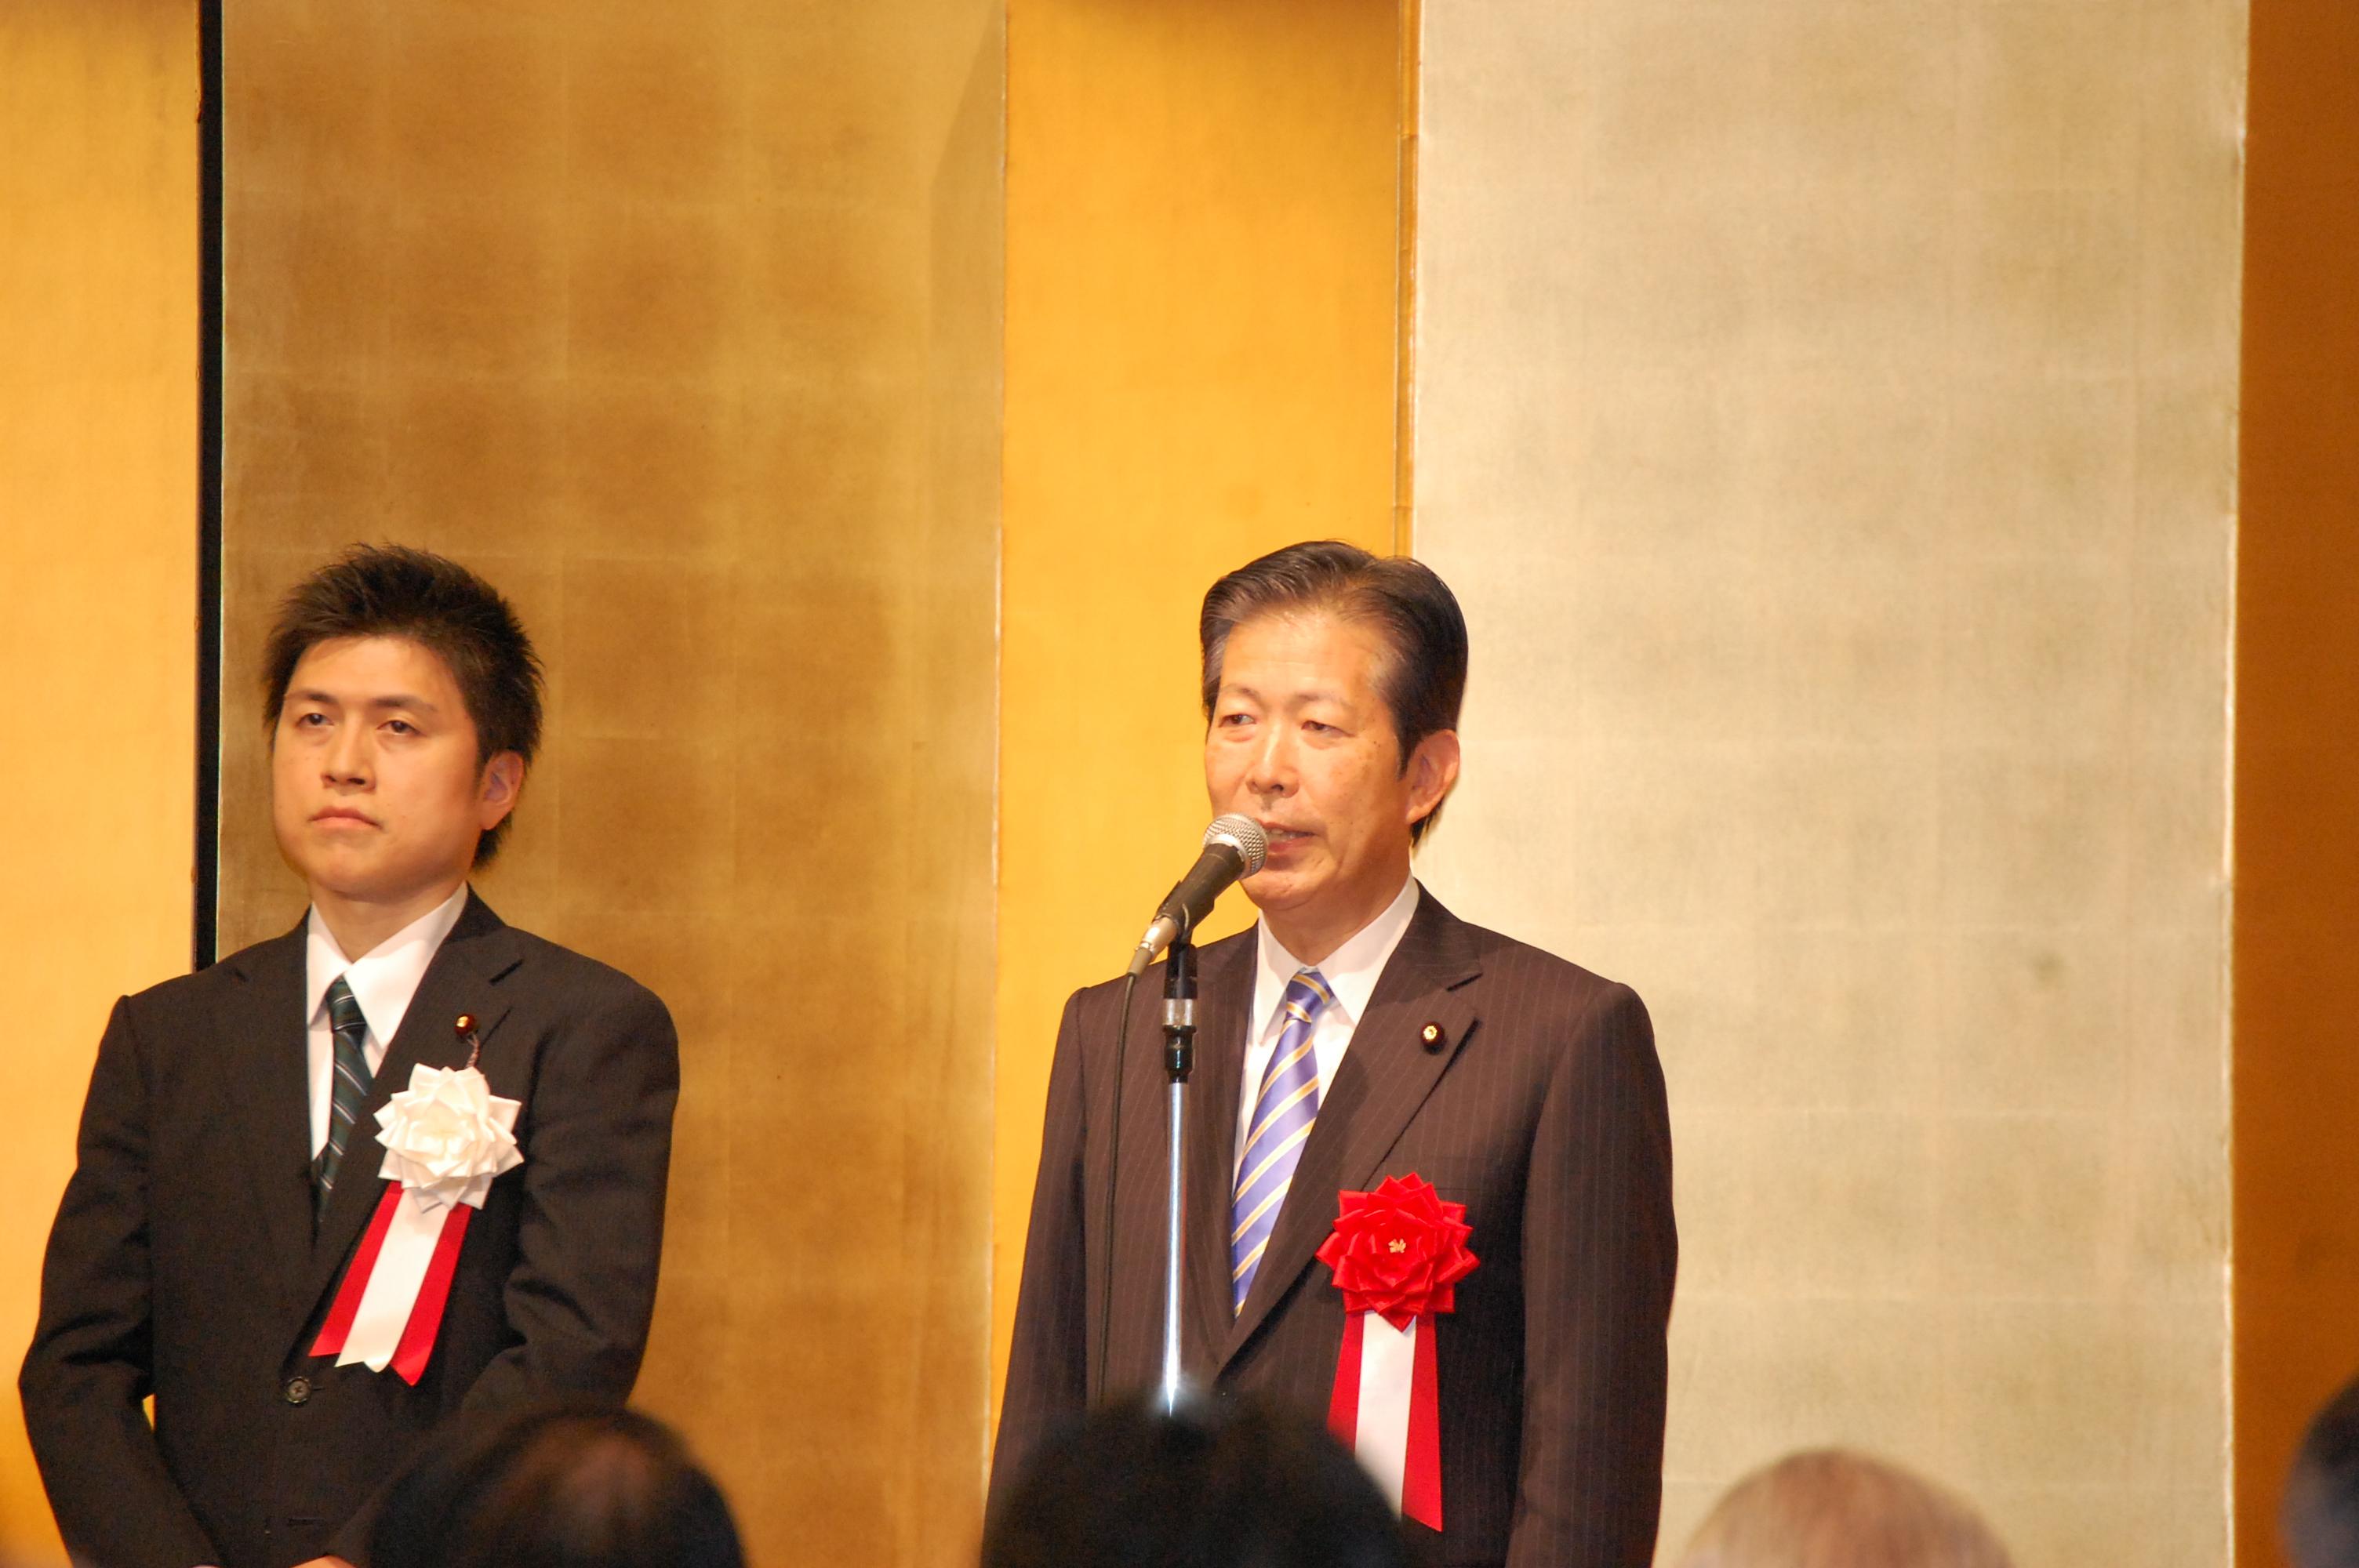 第5回中野洋昌新しいチカラのつどいを開催